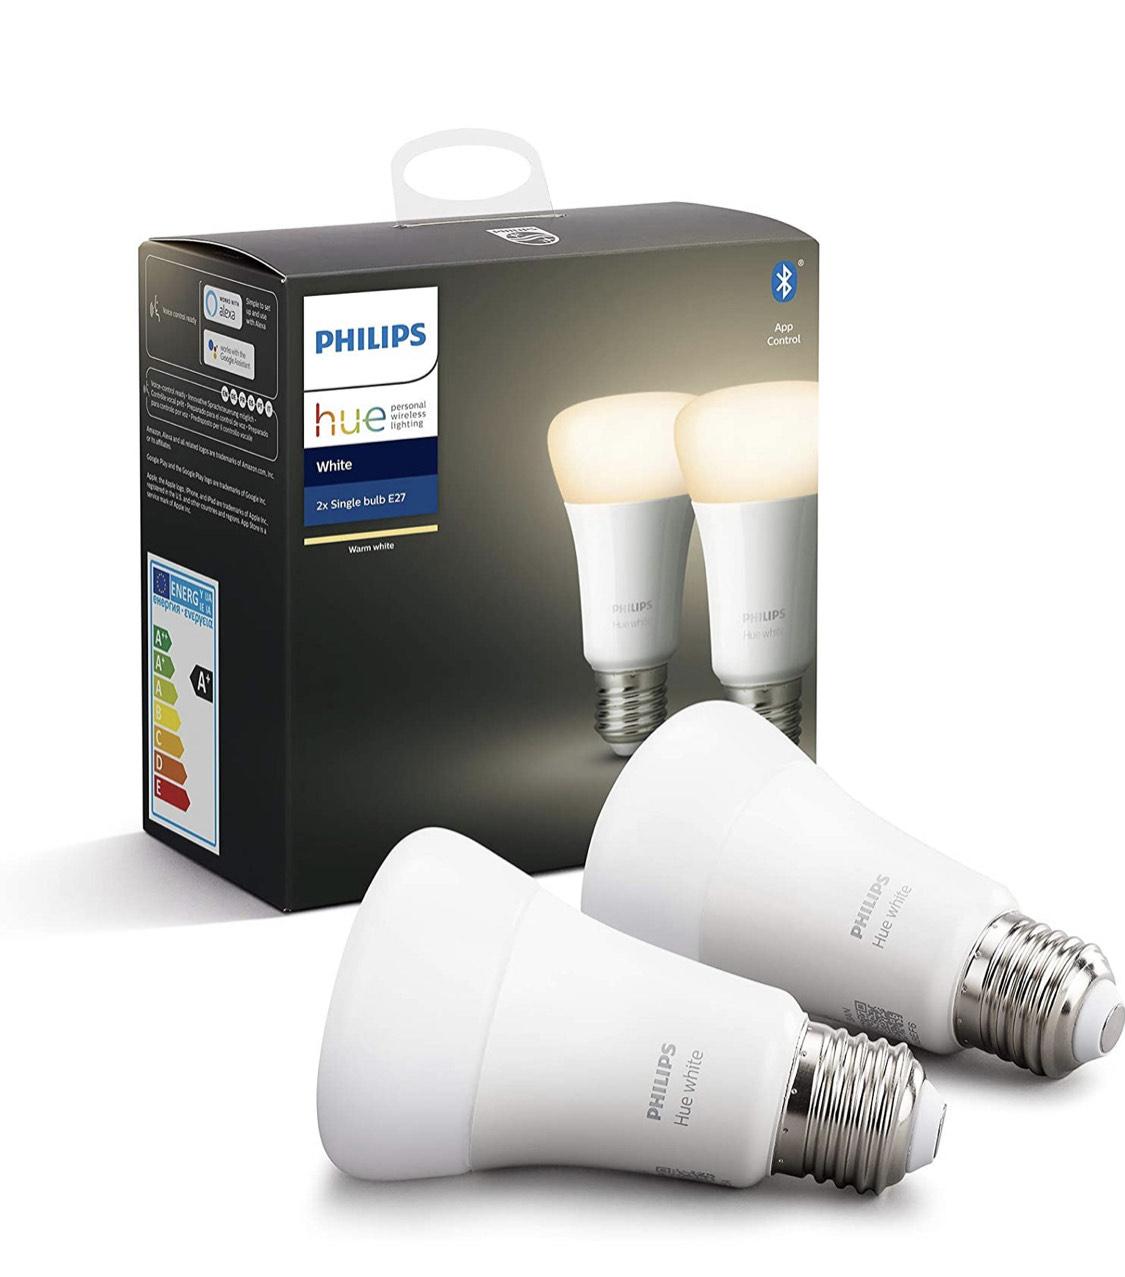 -7,01€ en pack de 2 bombillas Philips Hue